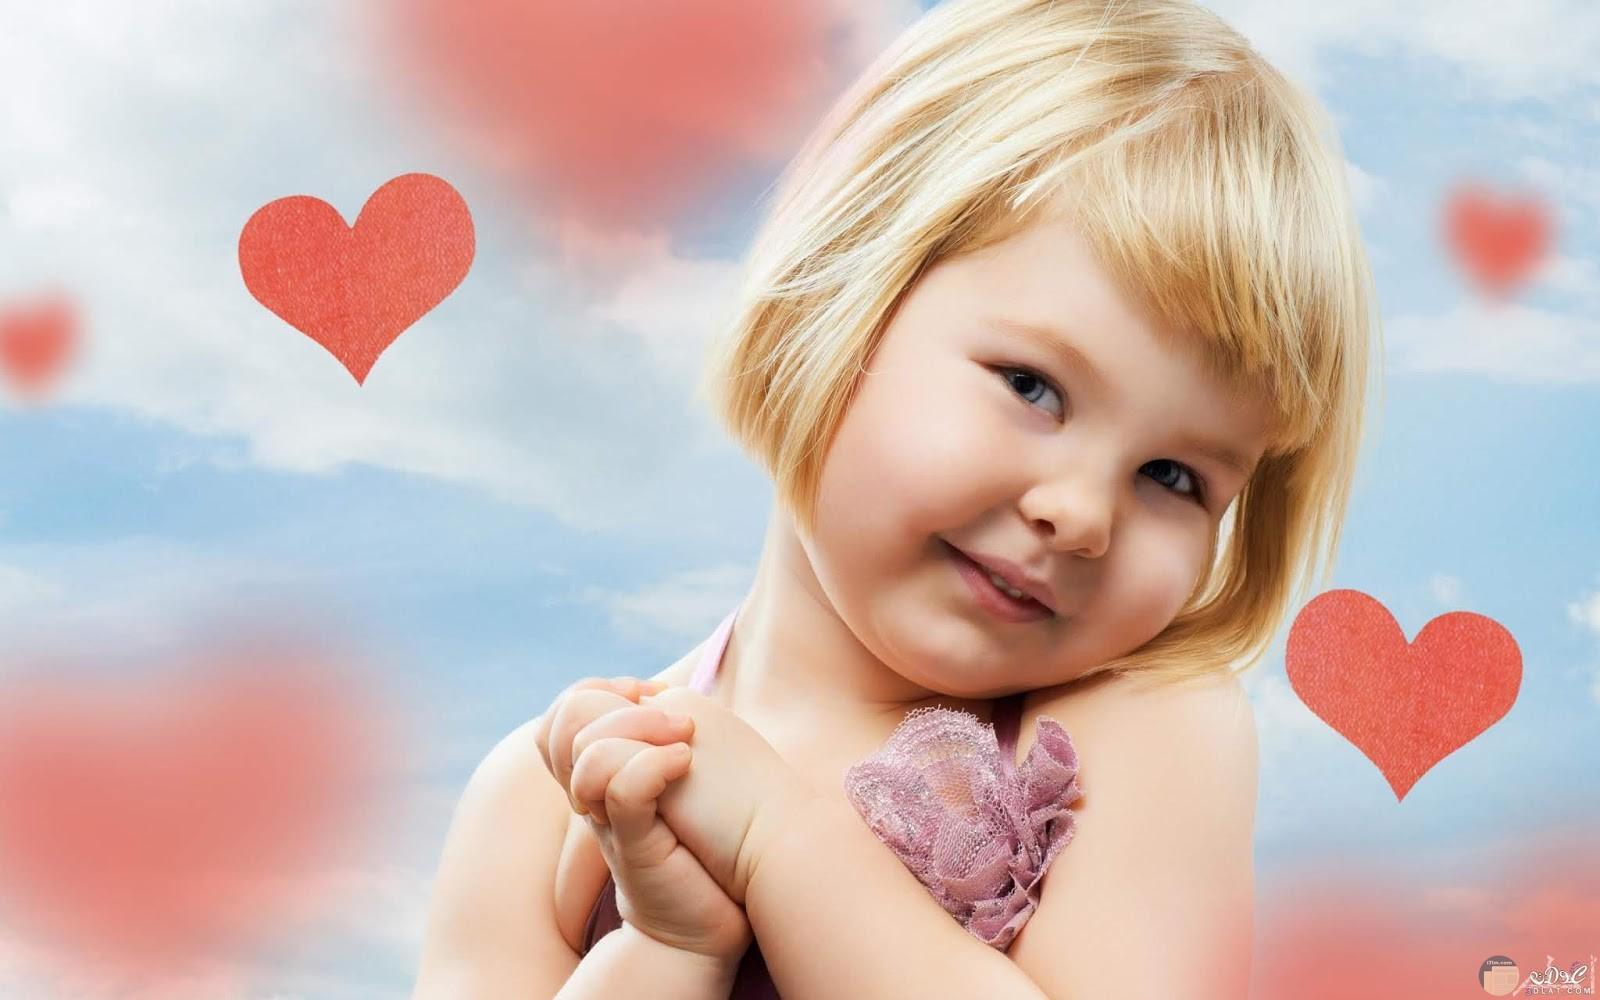 بنت صغيرة مليئة بالحب.